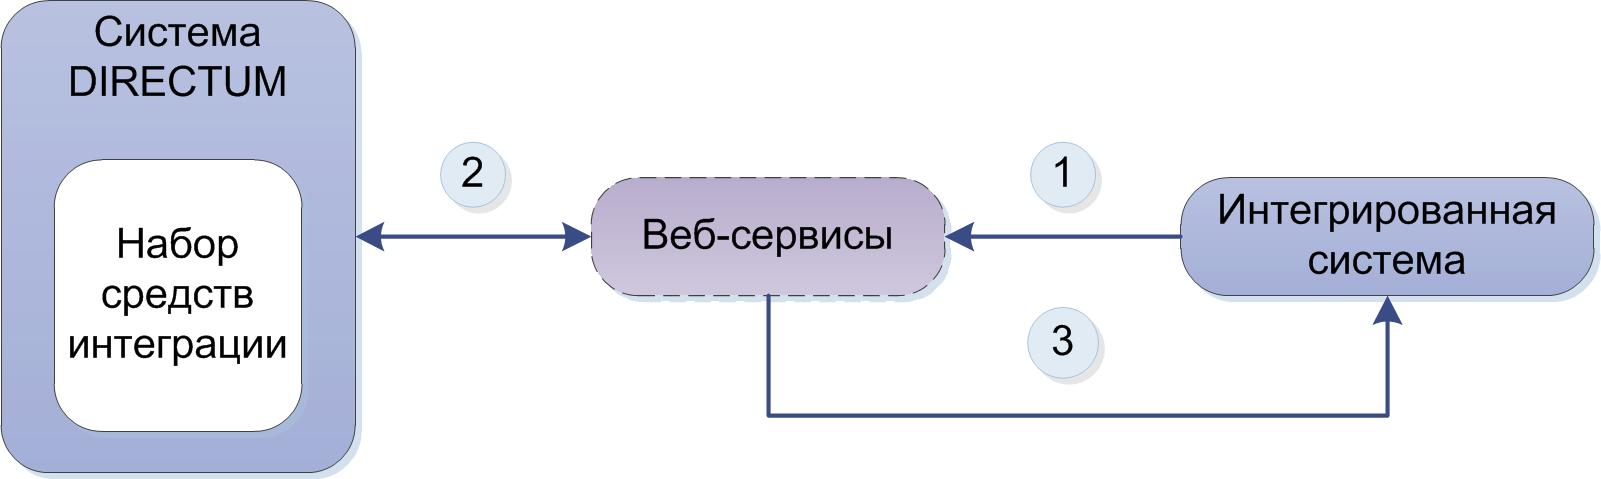 1с веб-сервис синхронный асинхронный 1с уат внедрение